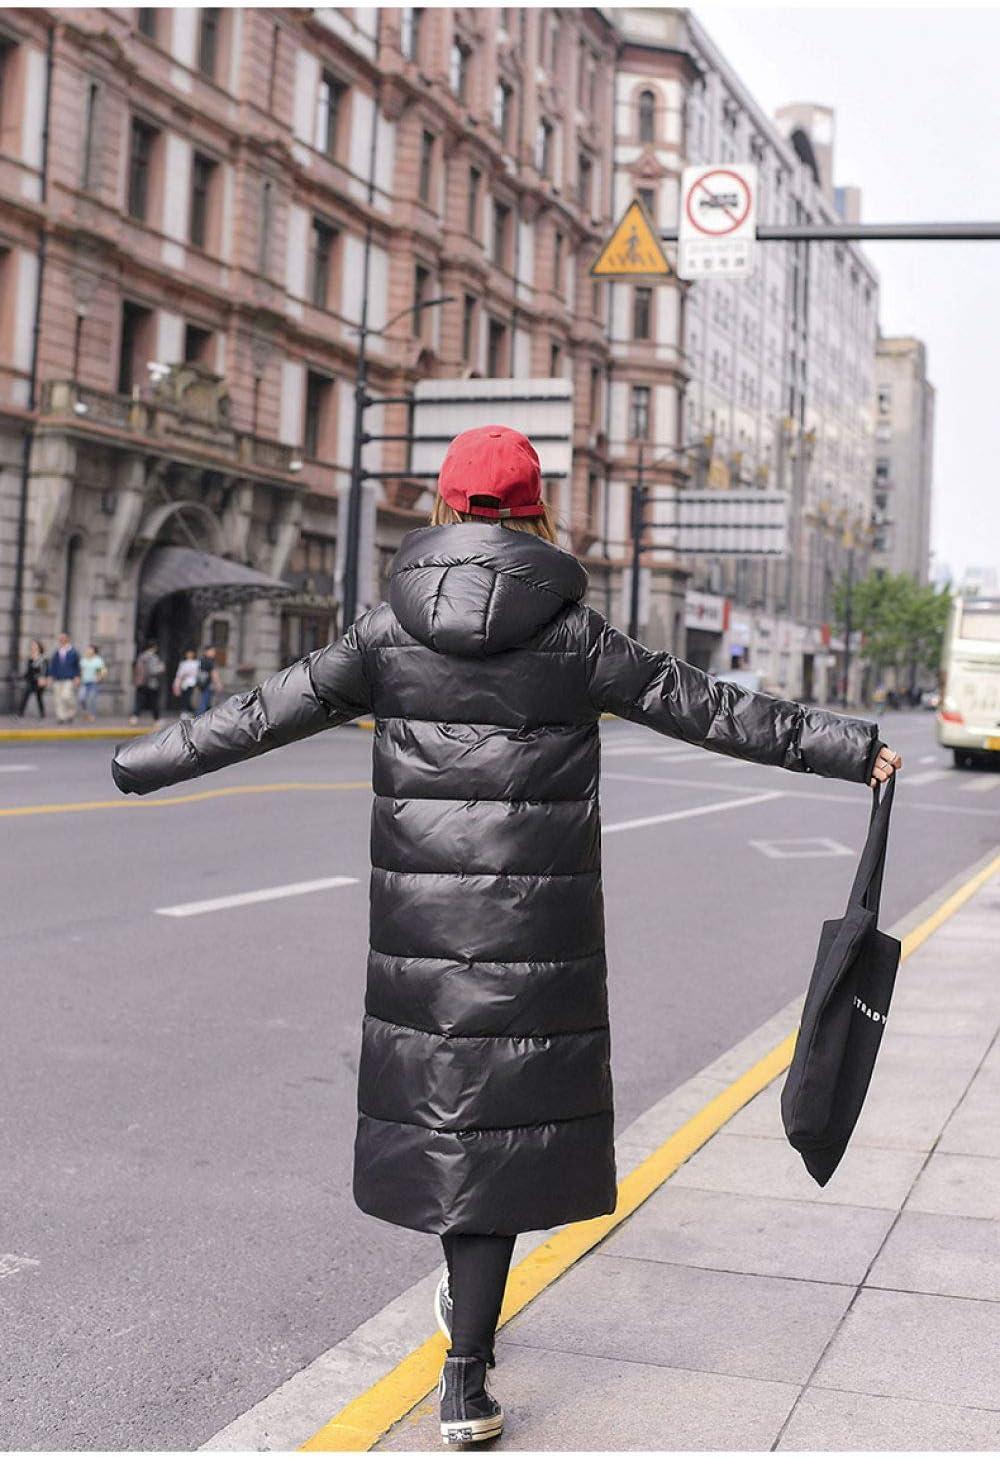 DPKDBN Doudoune, Duck Femmes Hiver Veste Longue Manteau Épais pour Les Femmes À Capuchon en Duvet Parka Chaud Vêtements pour Femmes Imperméable À l'eau Noir